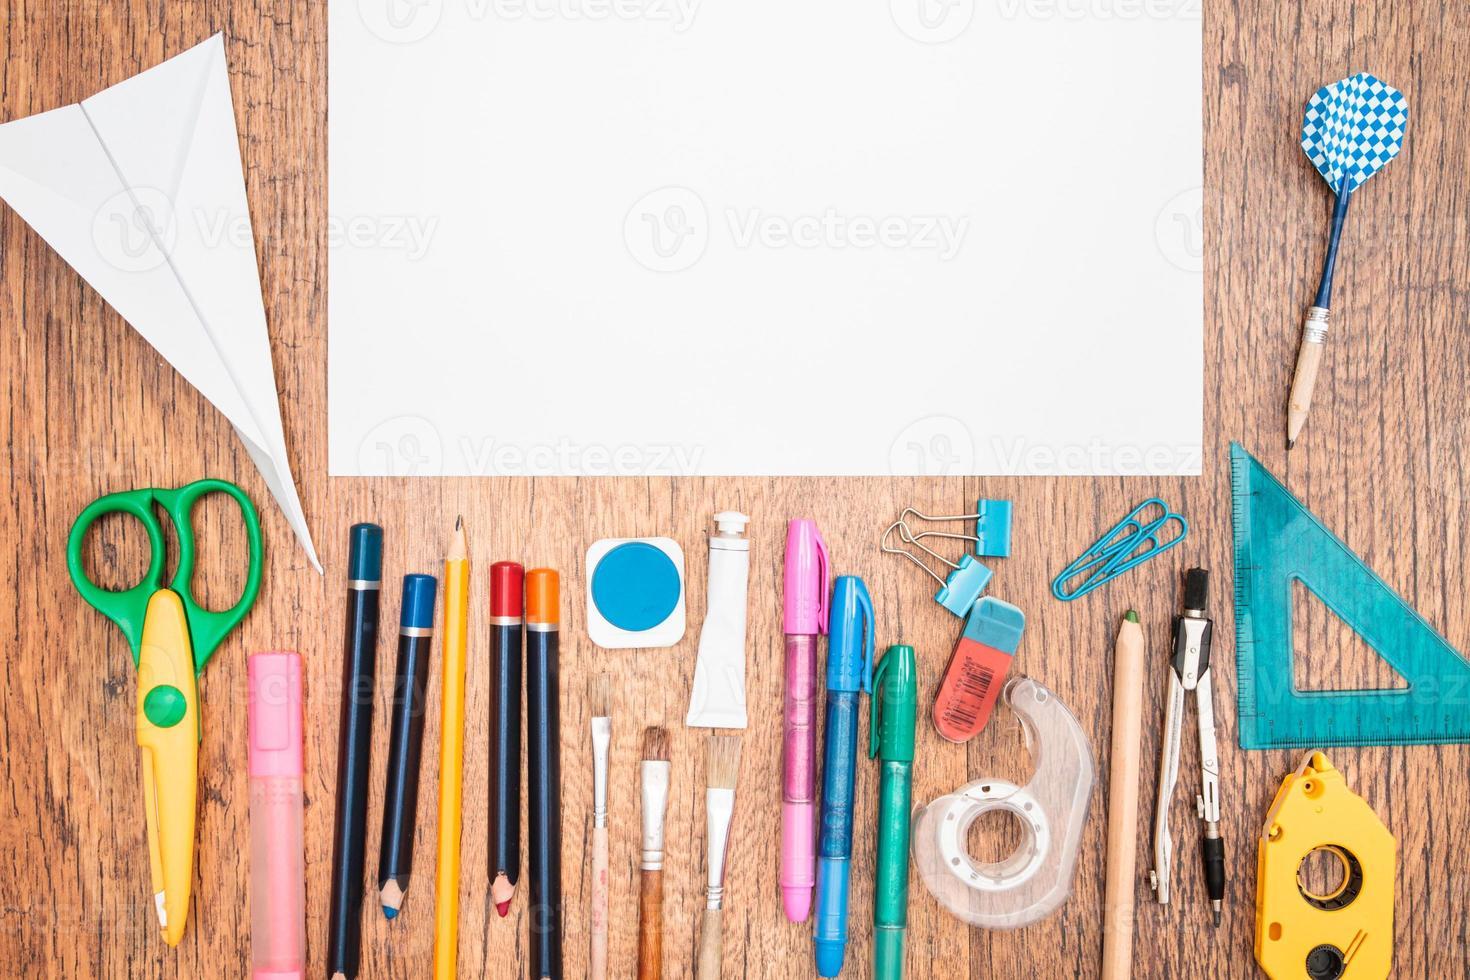 acessórios de escola em uma mesa foto